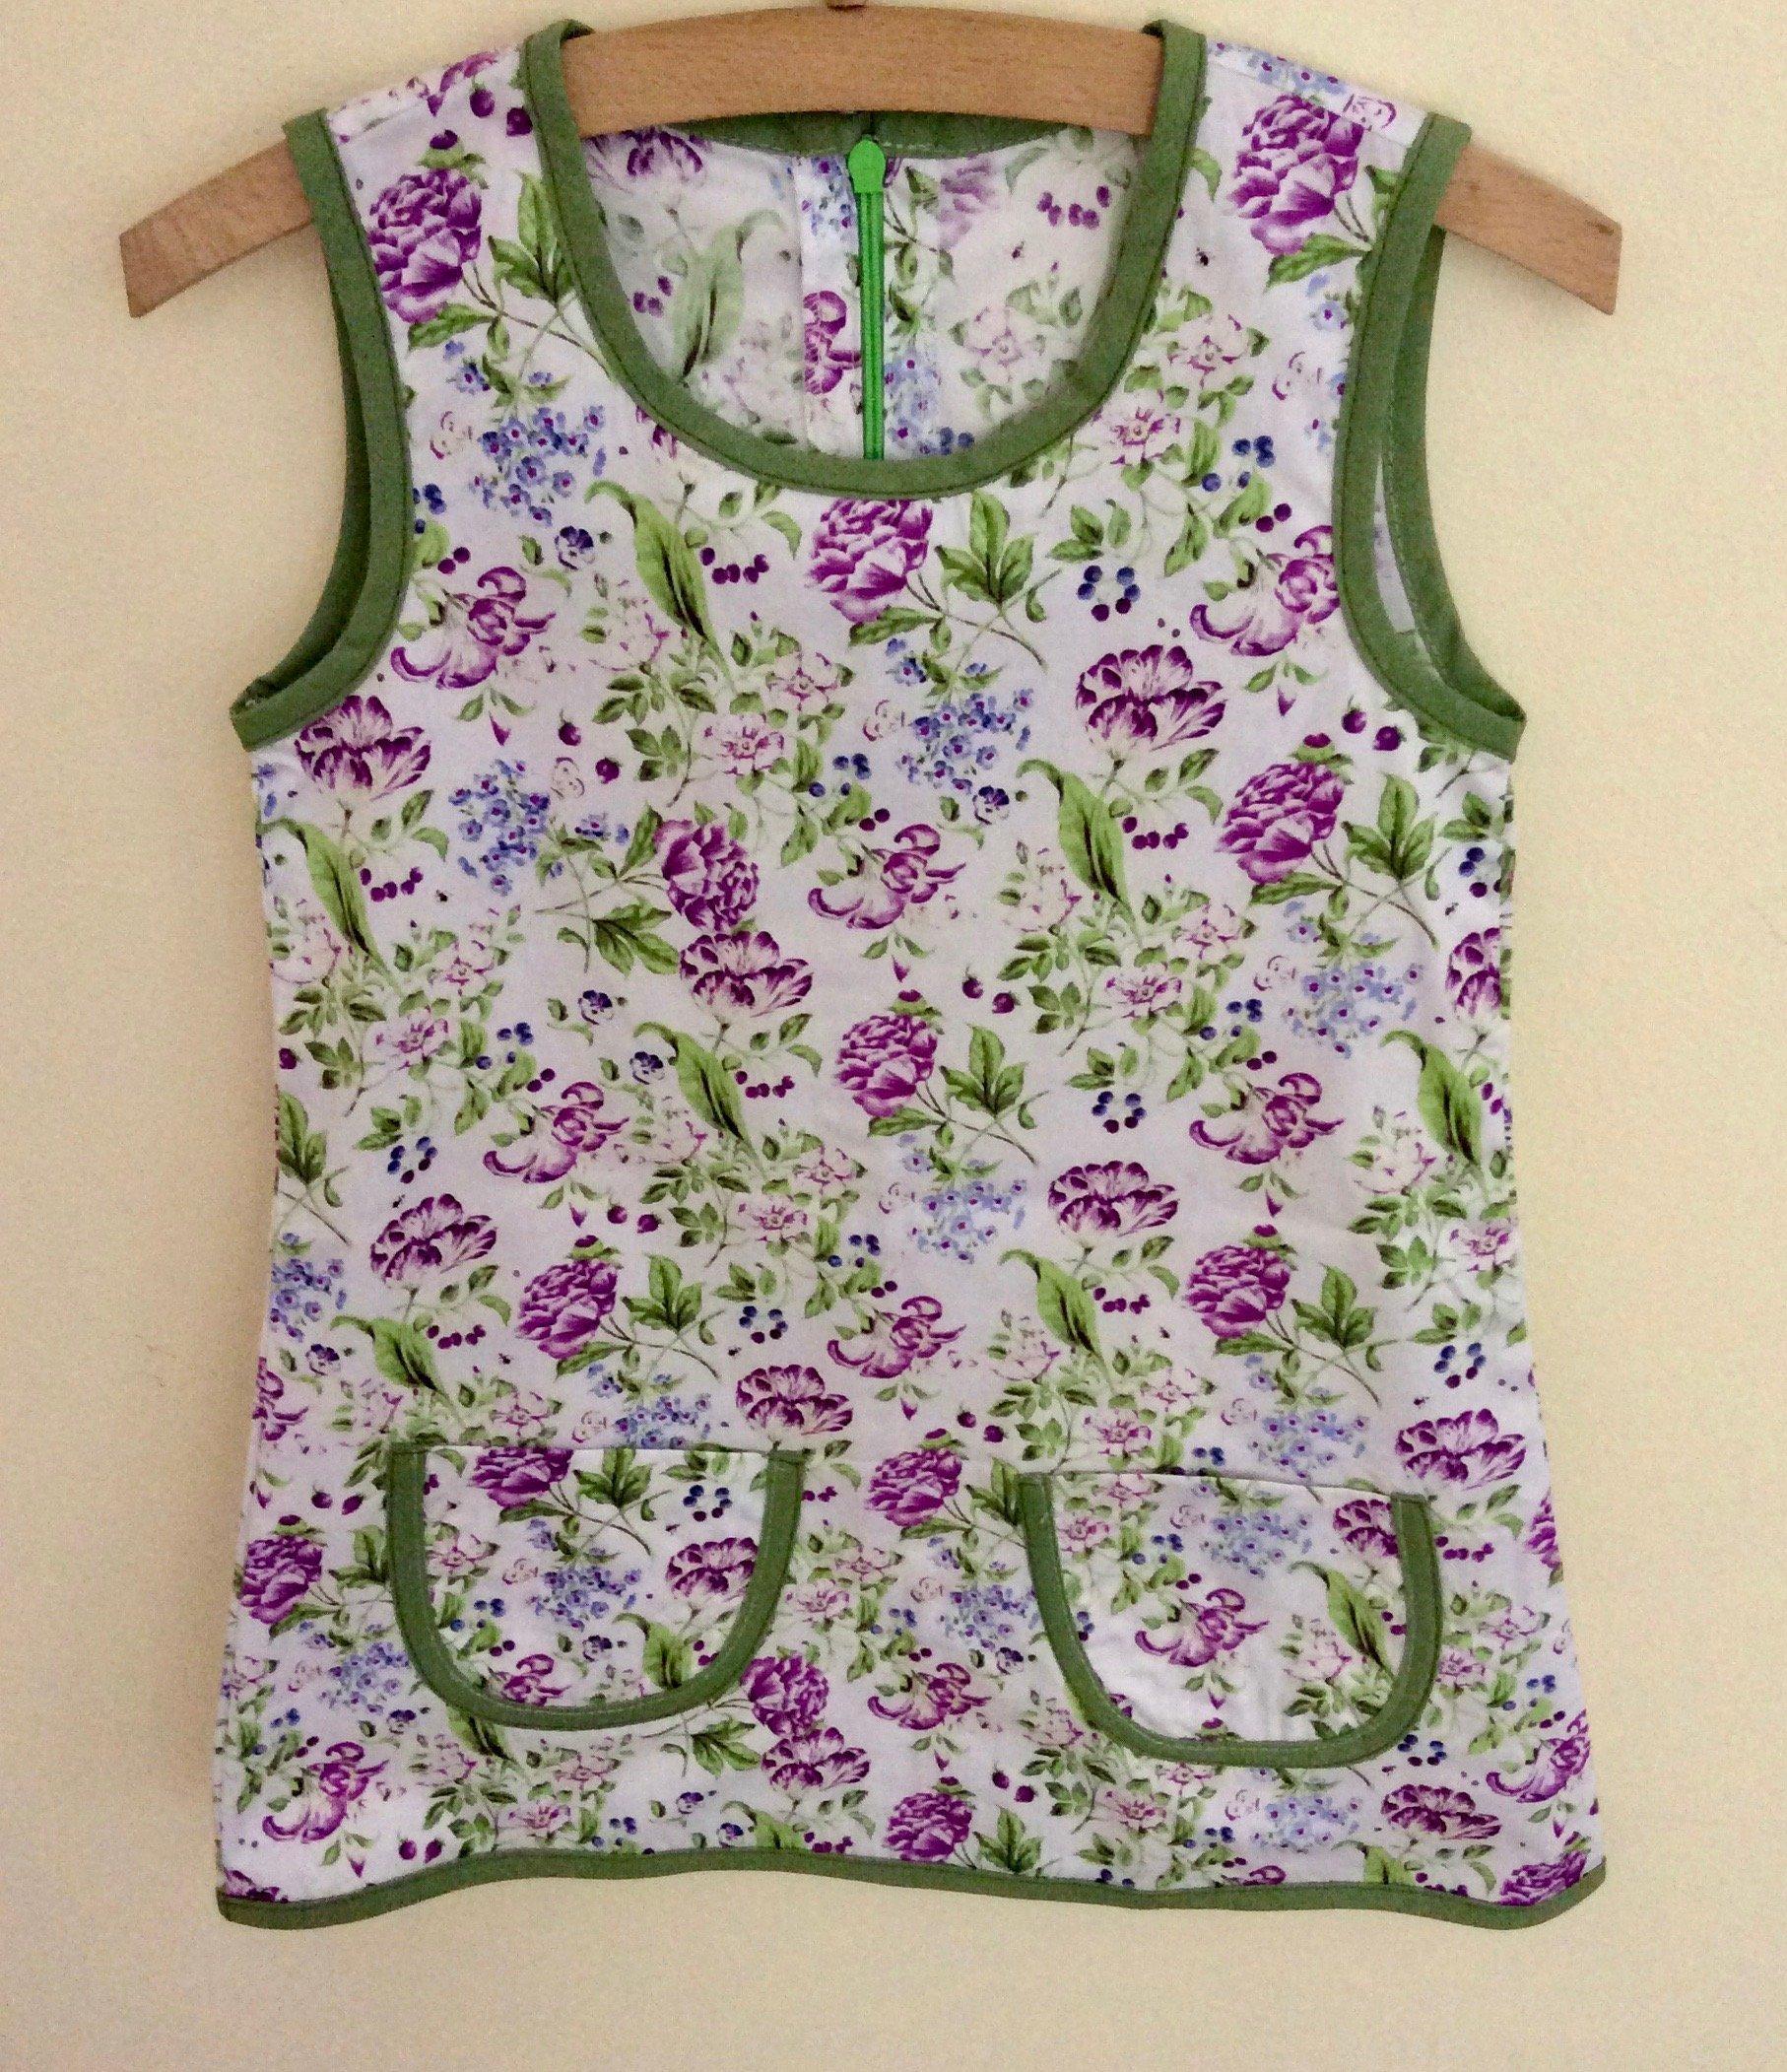 d0cd6525c094b Mädchenkleid 110 gratis Versand, Mode Mädchen, Handmade Deutschland,  Geschenkidee